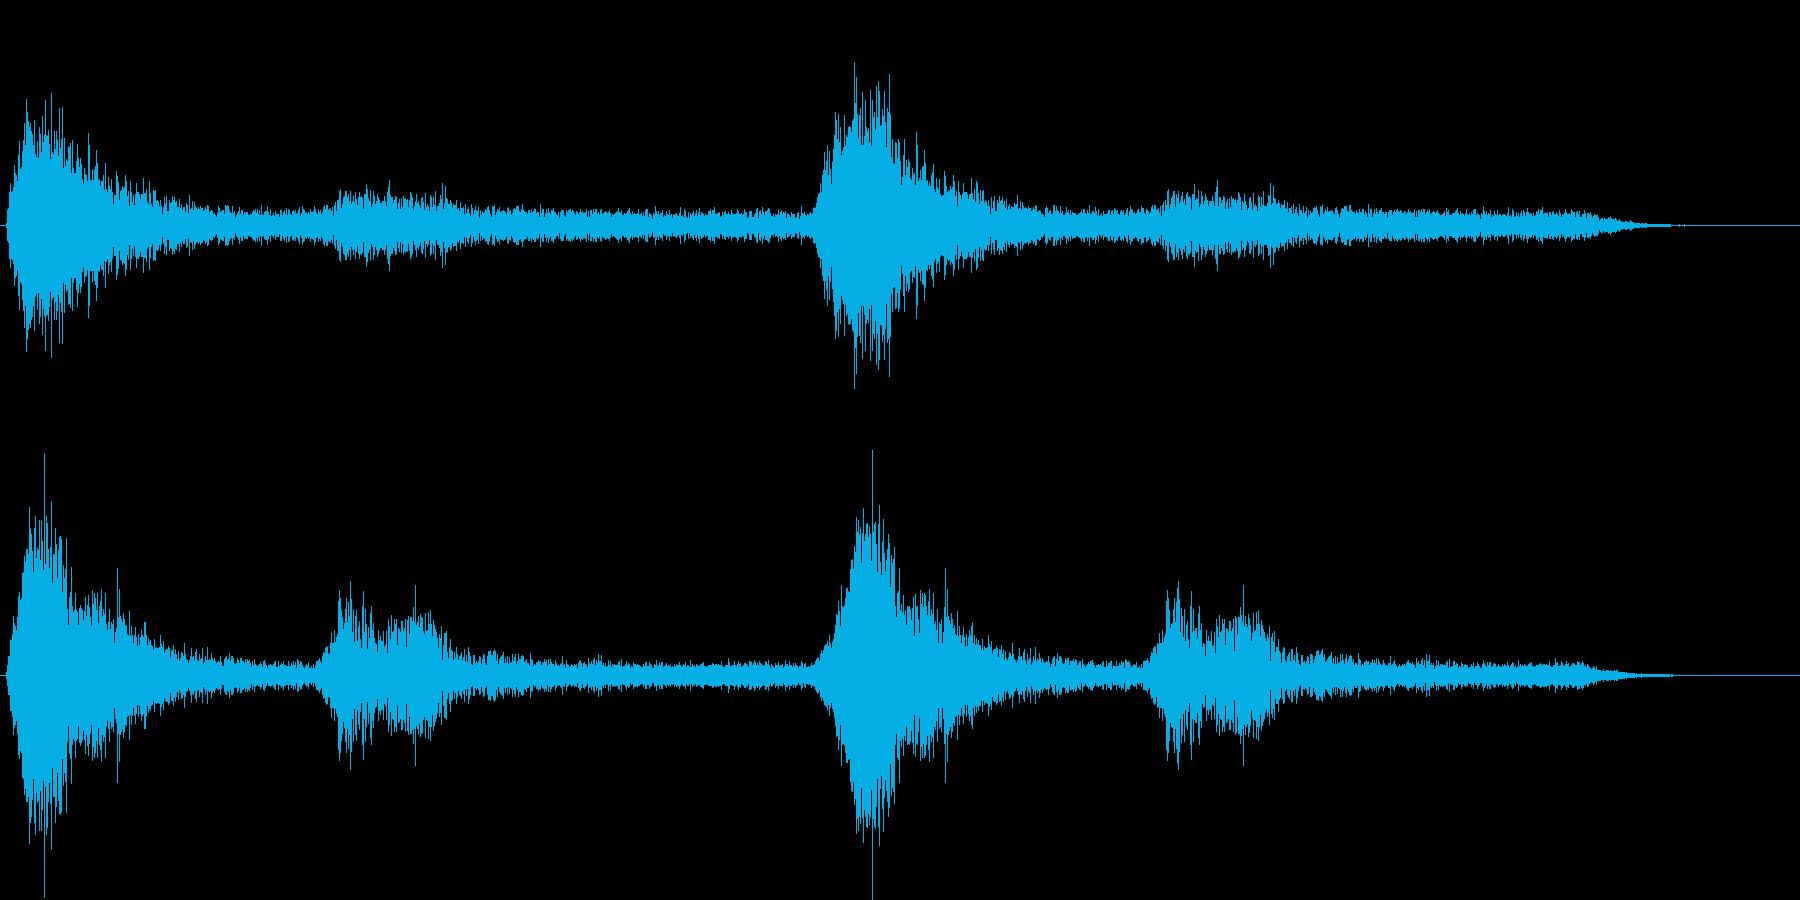 ヒッチコック風のホラー的ジングルの再生済みの波形